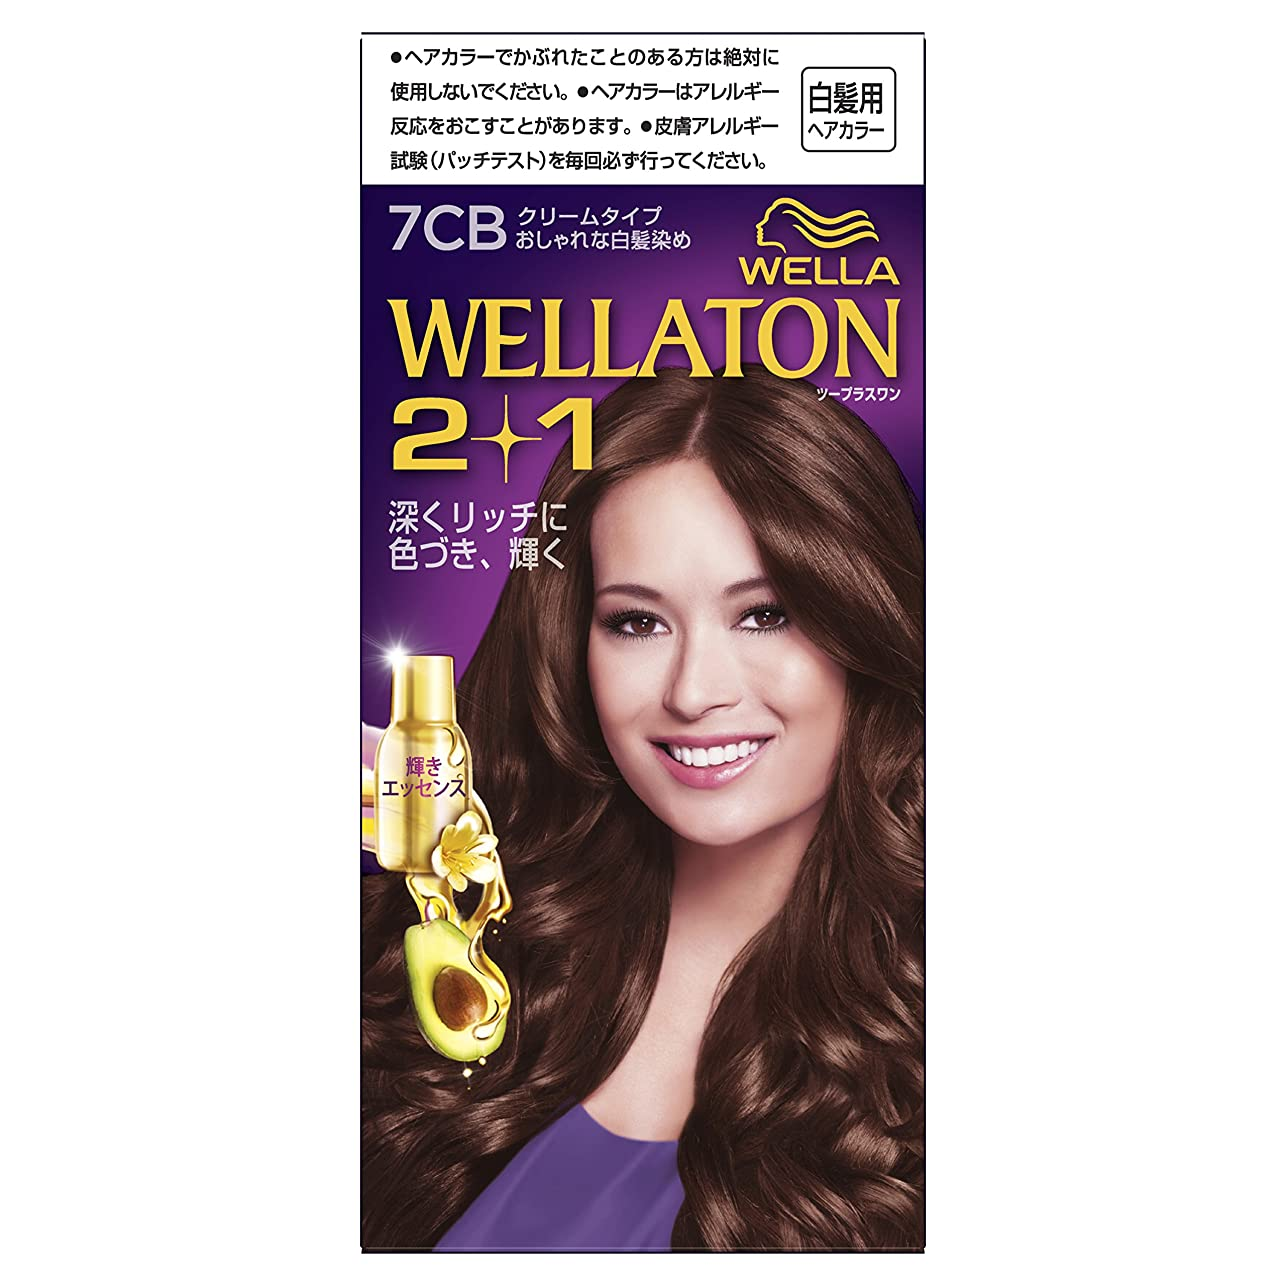 飾るめんどり大通りウエラトーン2+1 クリームタイプ 7CB [医薬部外品](おしゃれな白髪染め)